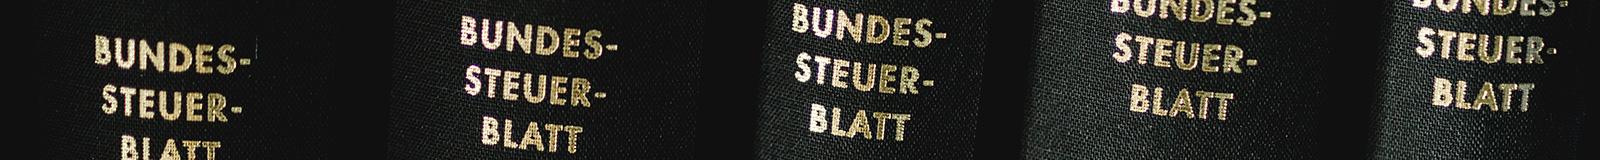 https://timmerbeil-wp.de/uploads/images/headerimages/Leistungen-Steuerberatung.jpg